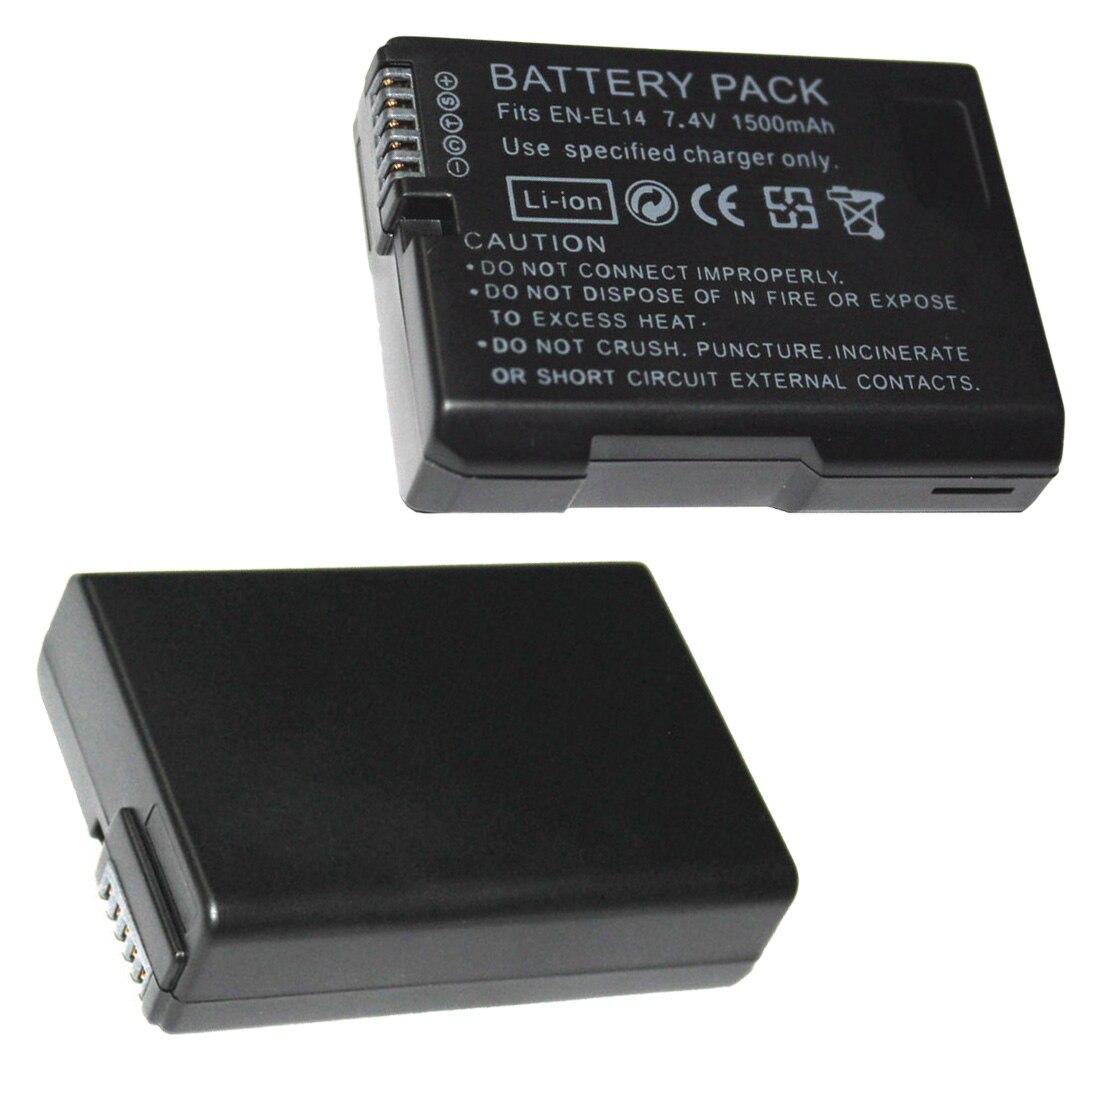 EN-EL14 baterías 7,4 V 1500 mAh ENEL14 es EL14 Cámara Paquete de batería para Nikon D5200 D3100 D3200 D5100 P7000 P7100 MH-24